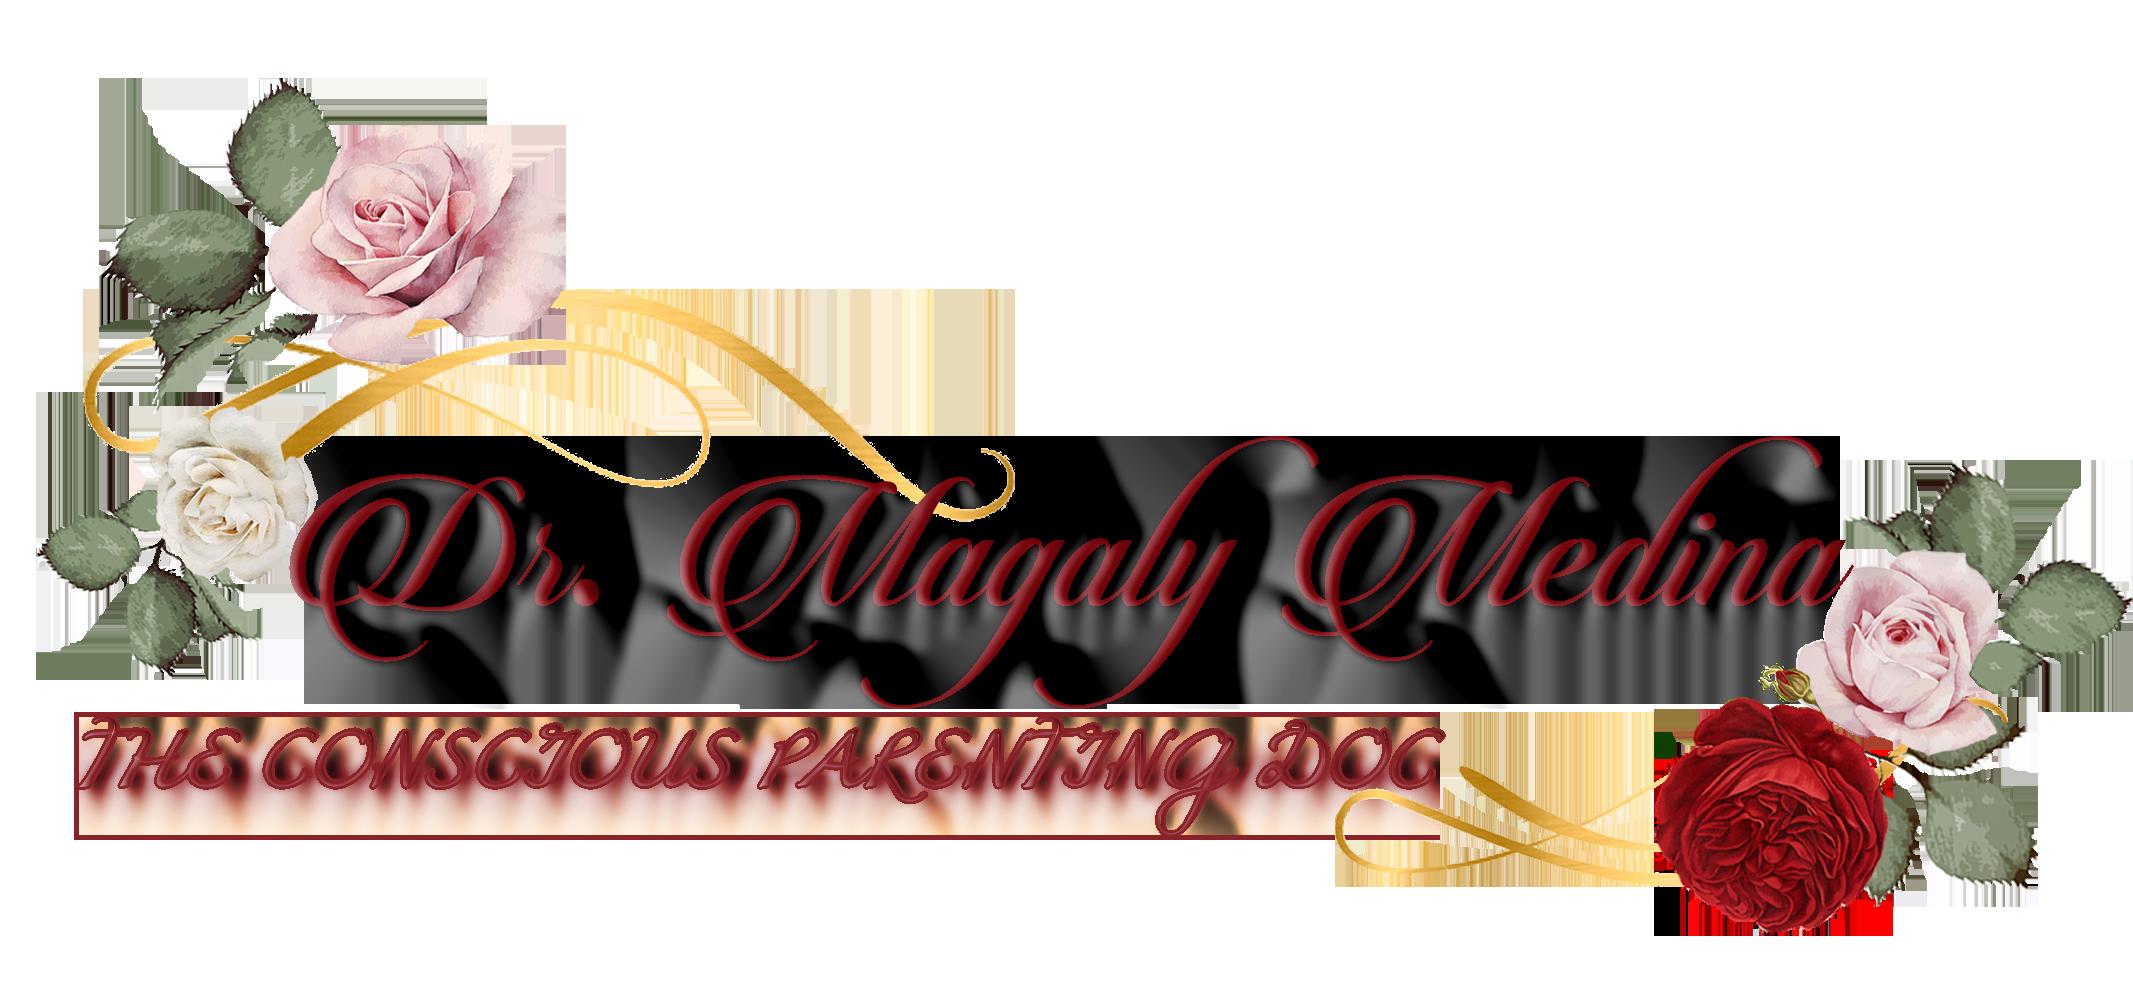 The Conscious Parenting Doc - Spanish logo